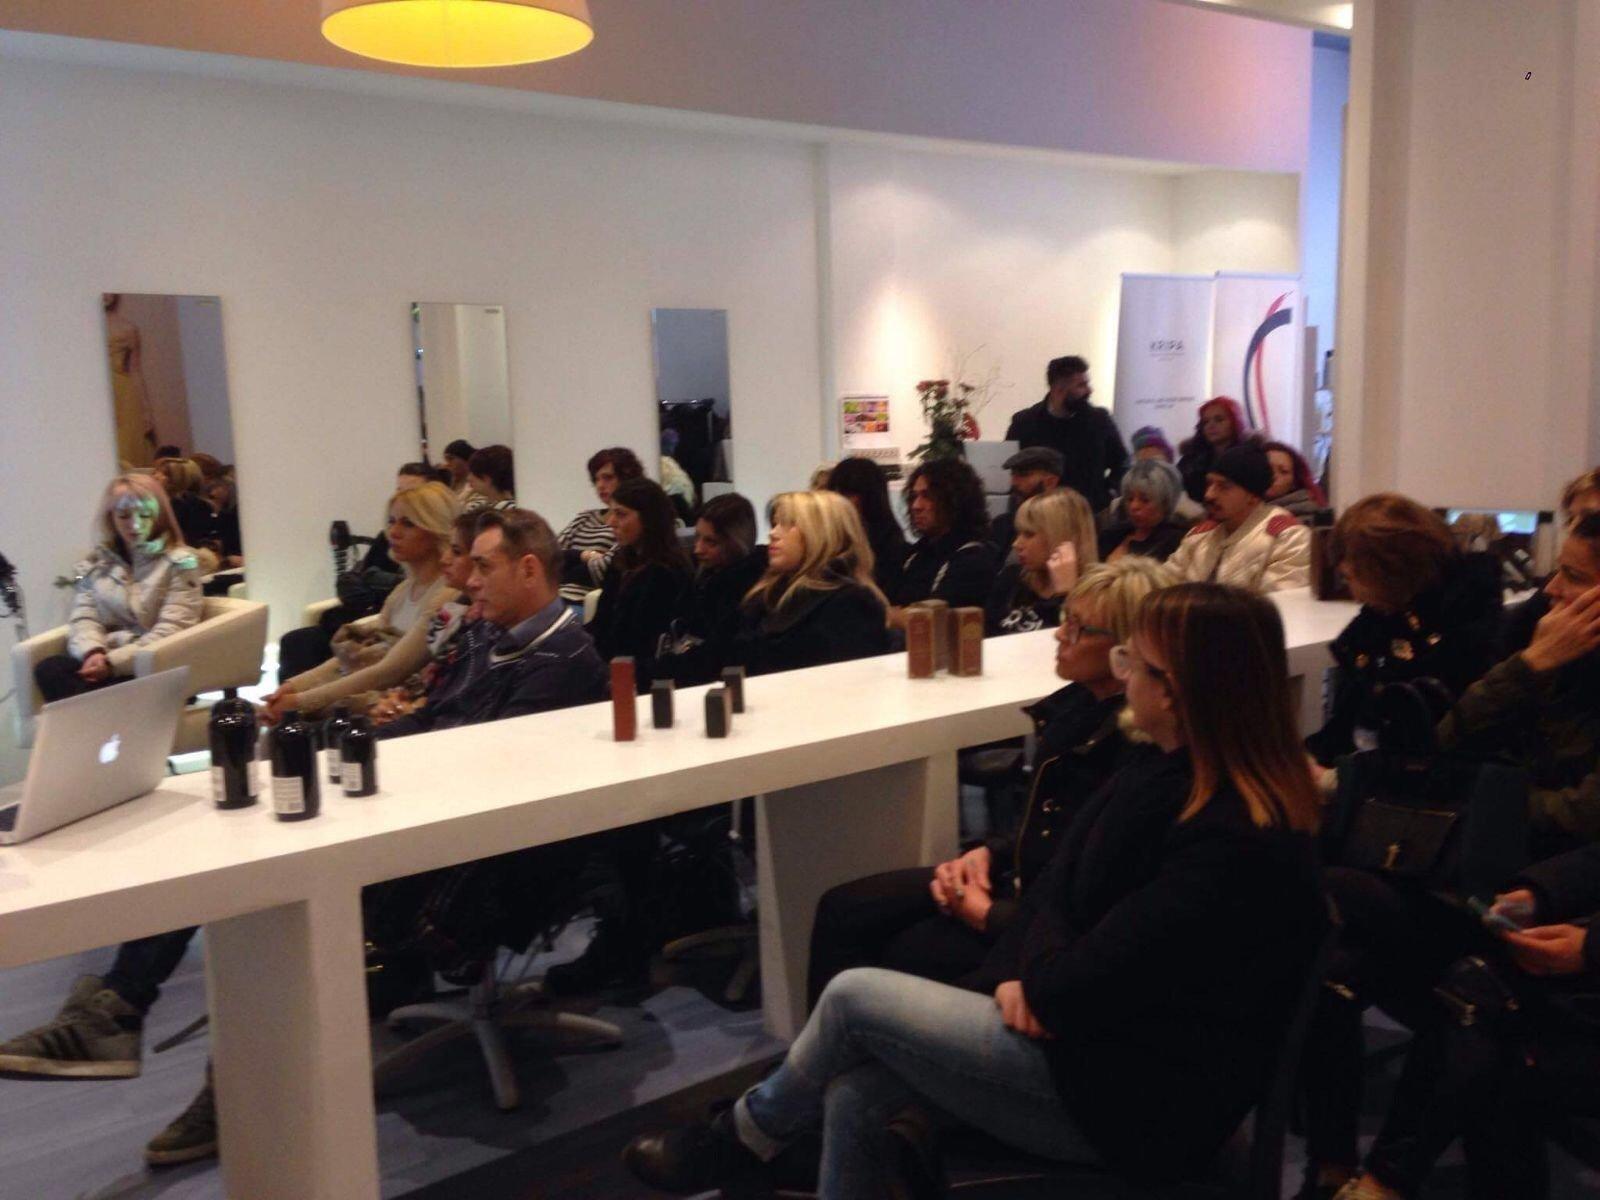 Corsi di formazione per parrucchieri a Udine